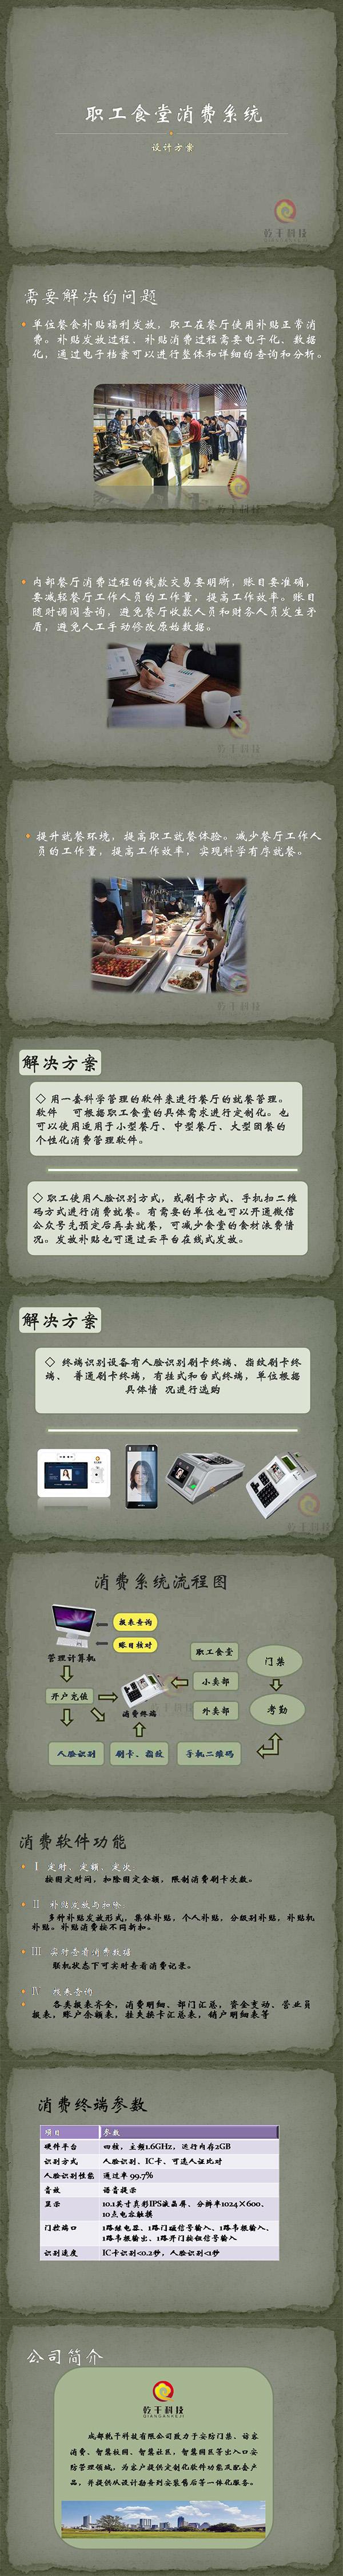 单位职工食堂消费系统方案-1.jpg